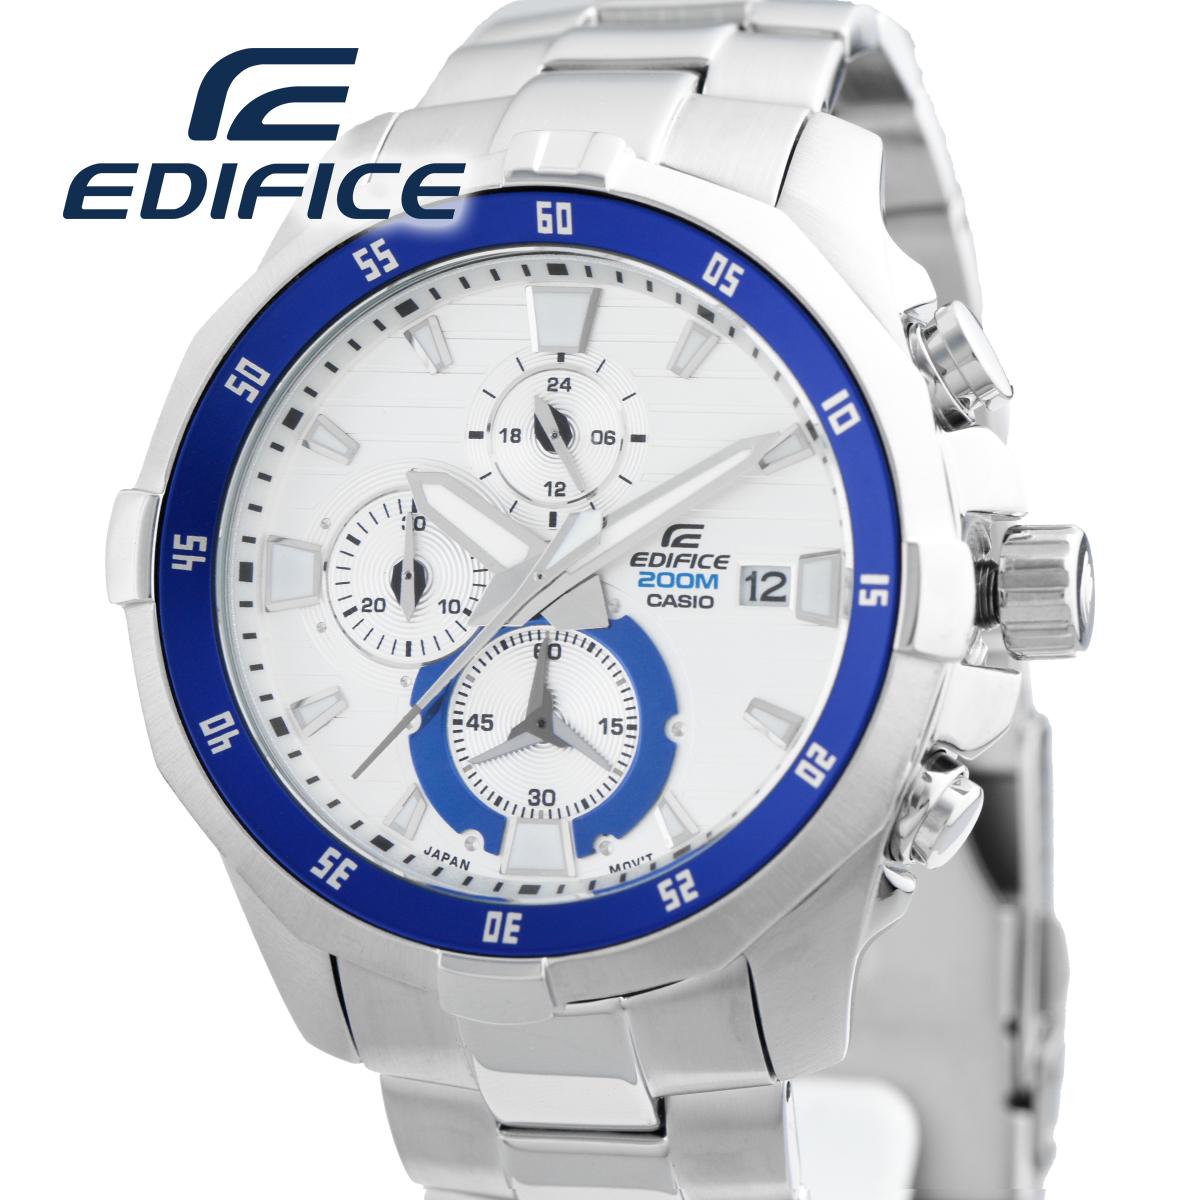 b4052bb4ed GショックG-SHOCKジーショックカシオCASIOdw9052gbx-1a4メンズ時計腕時計クオーツカレンダー · カシオエディフィス海外モデル クロノグラフ ...